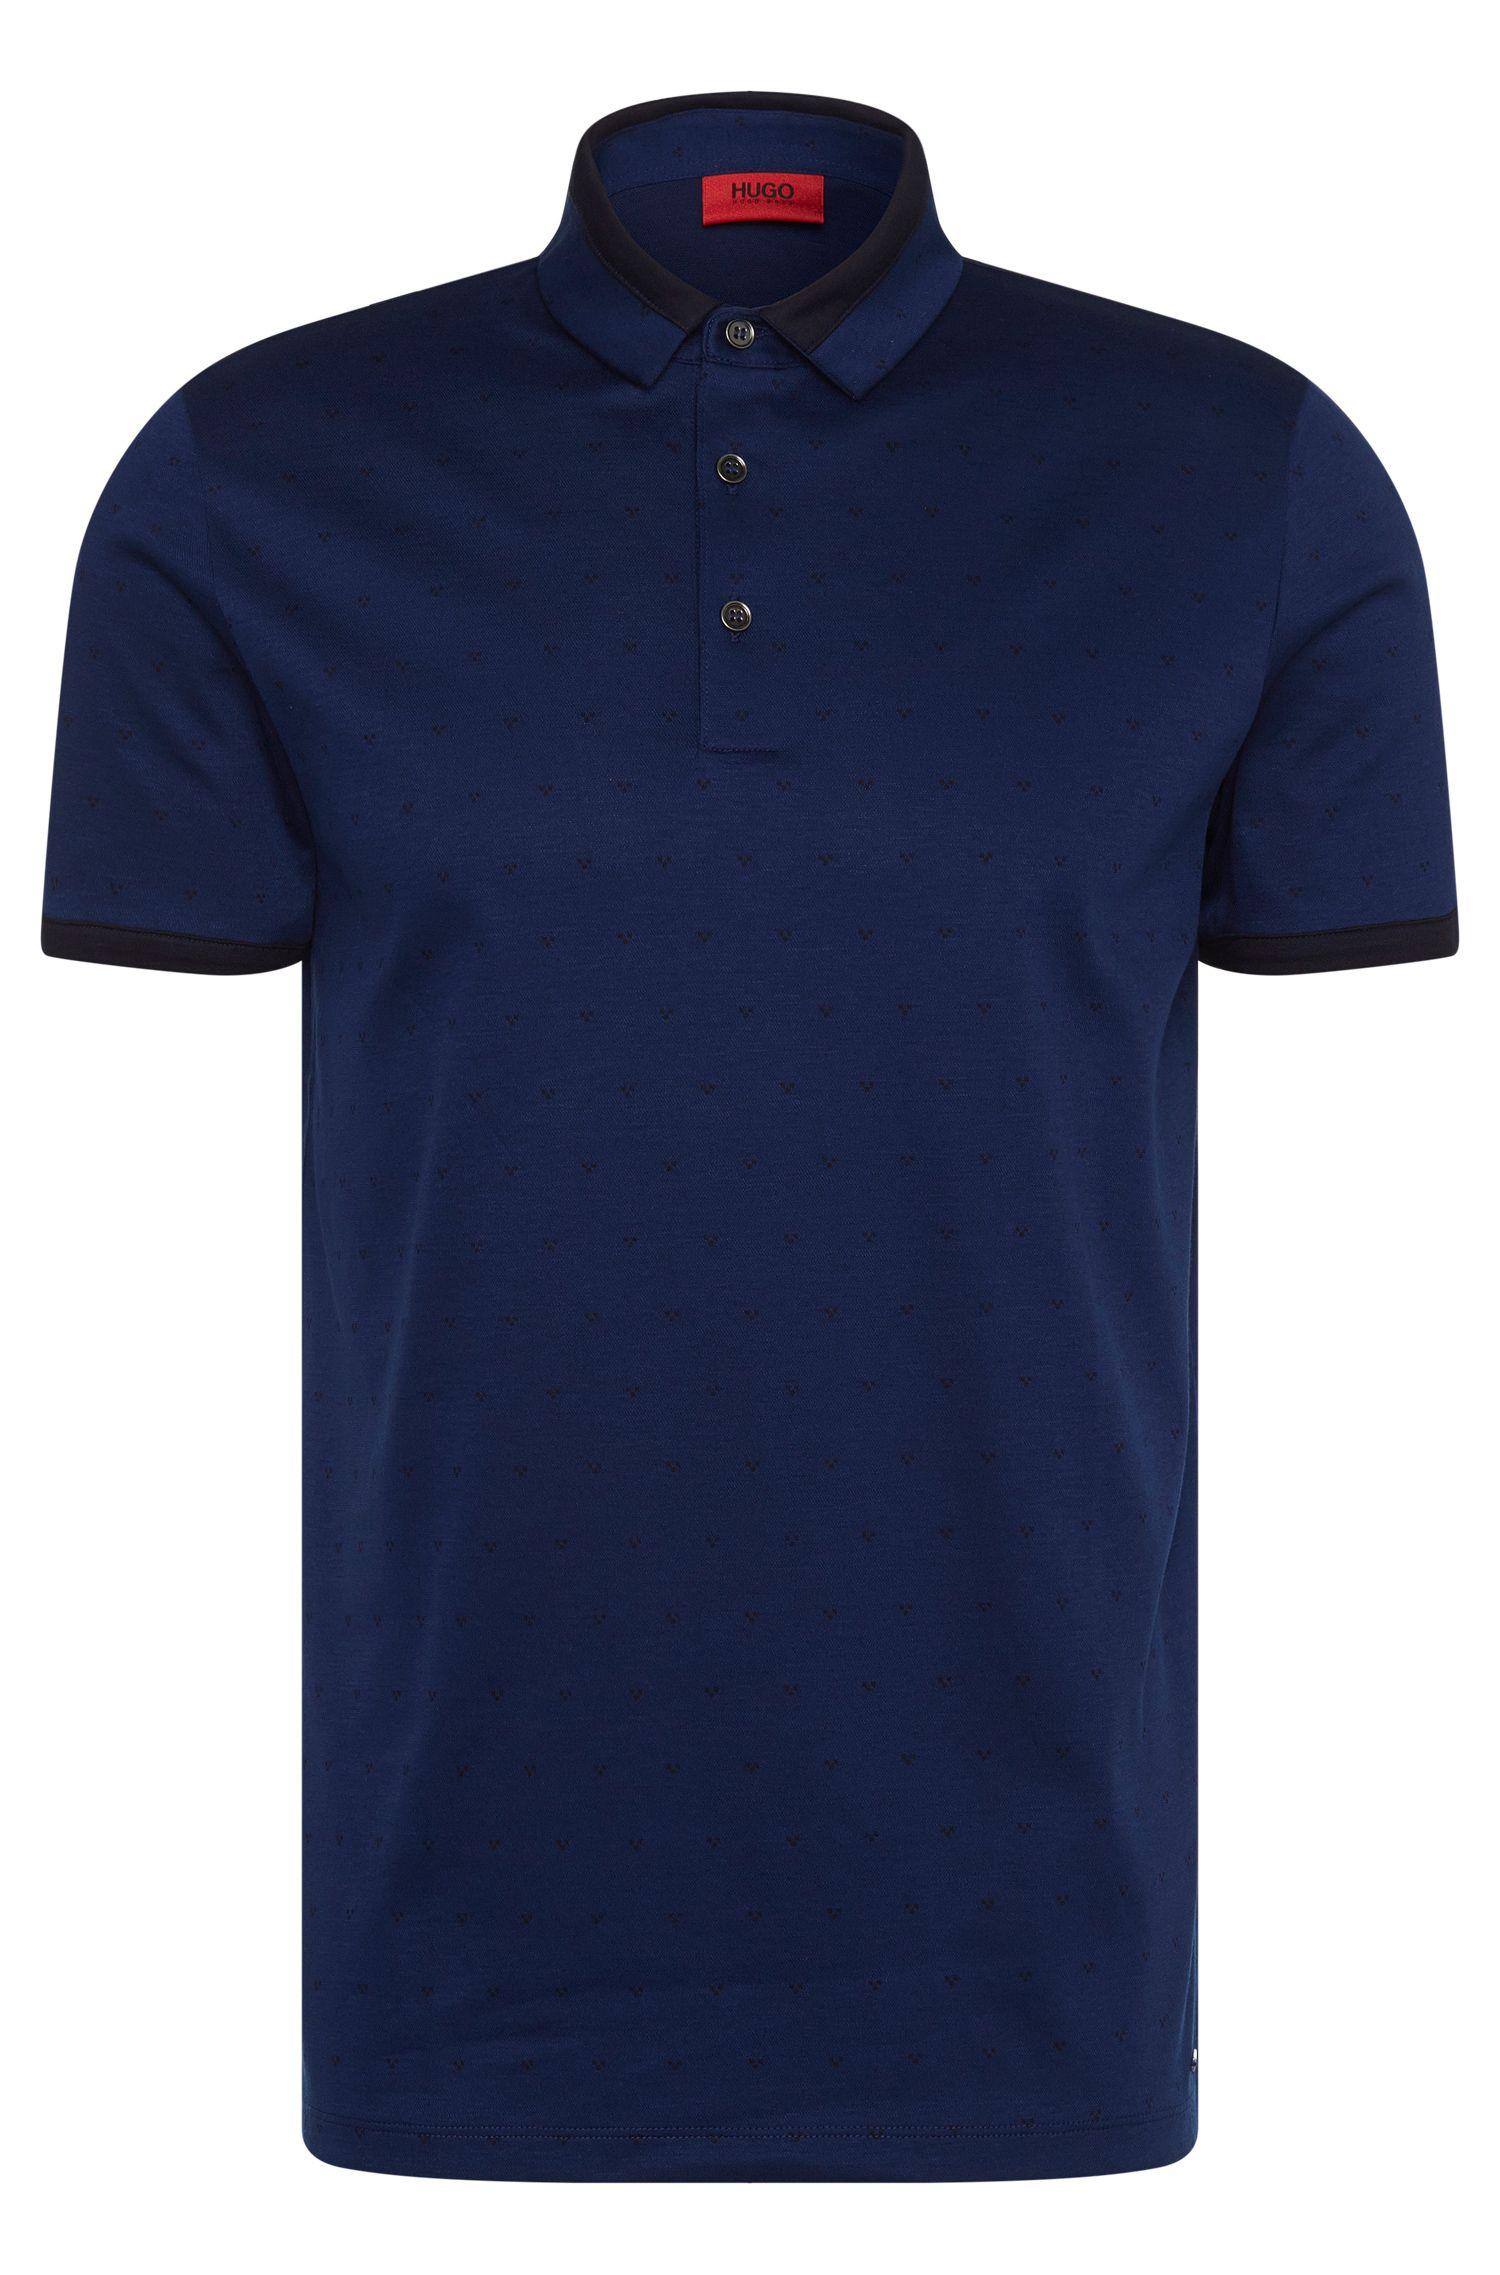 Cotton Jacquard Polo Shirt, Slim Fit | Denno